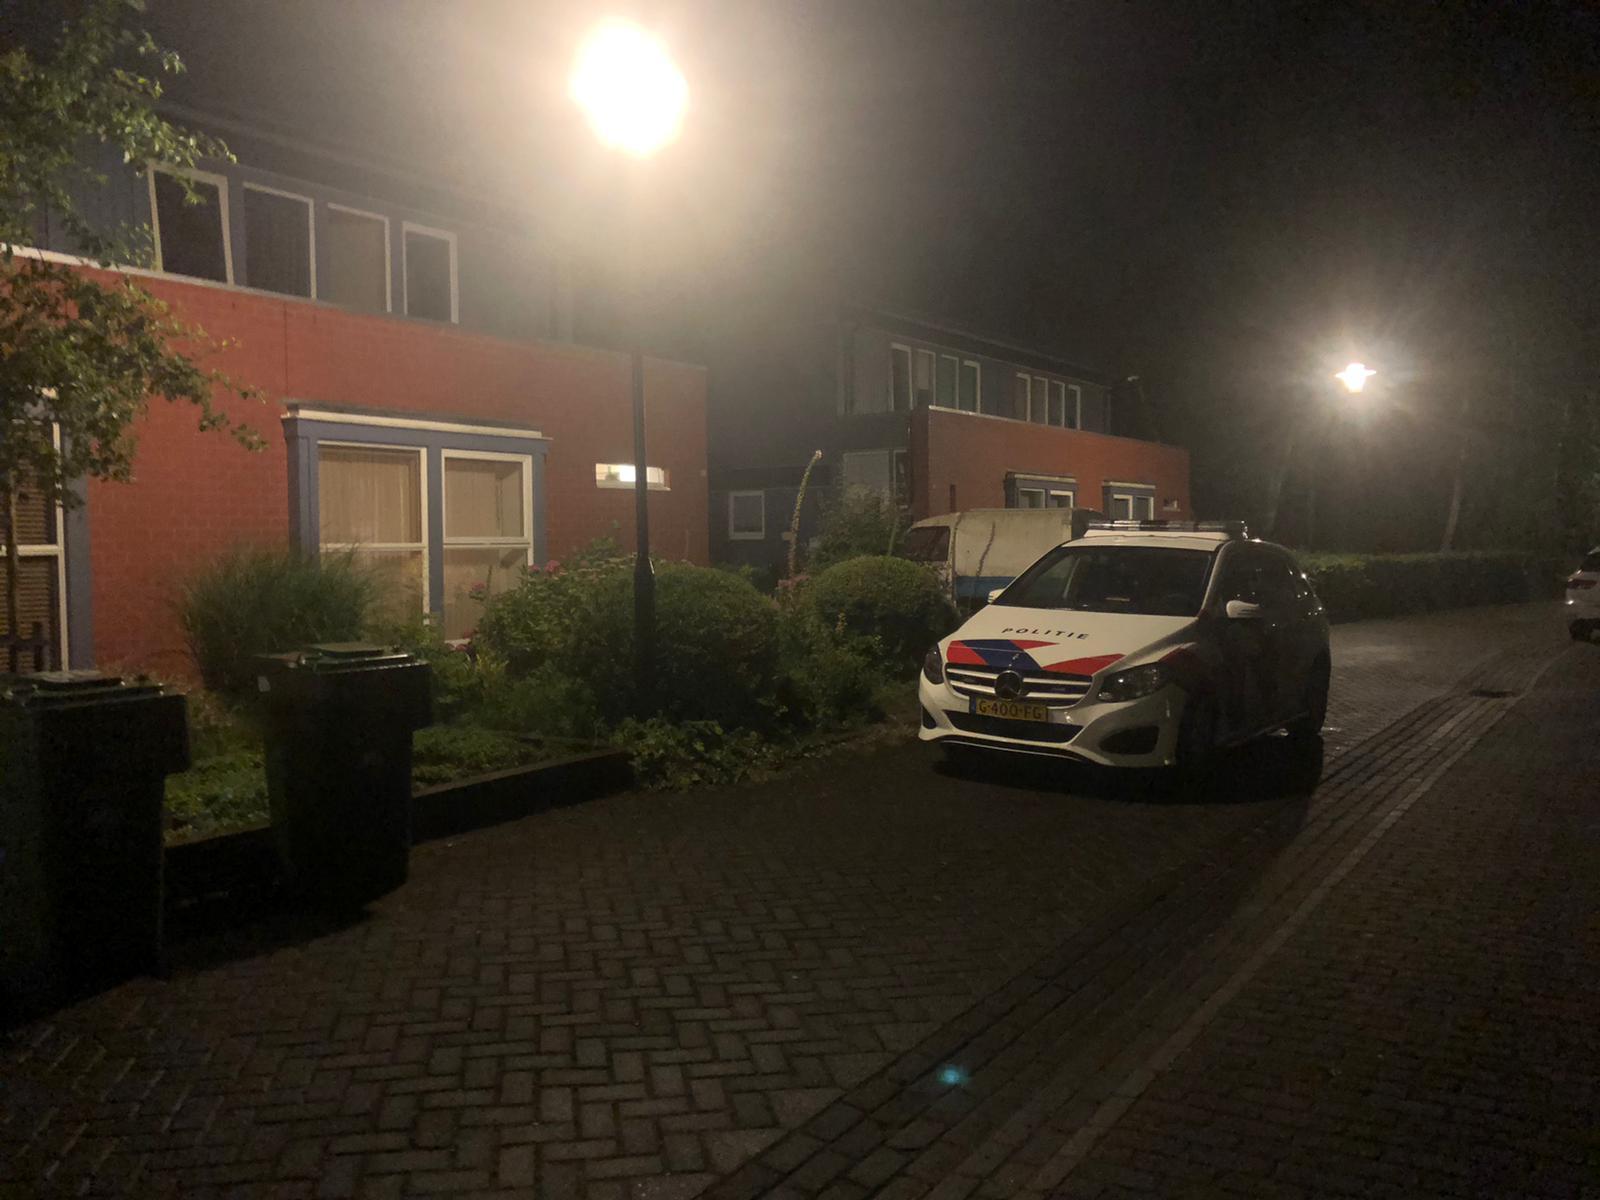 bewoner gewond na woningoverval Leeuwarden politie zoekt drie verdachten